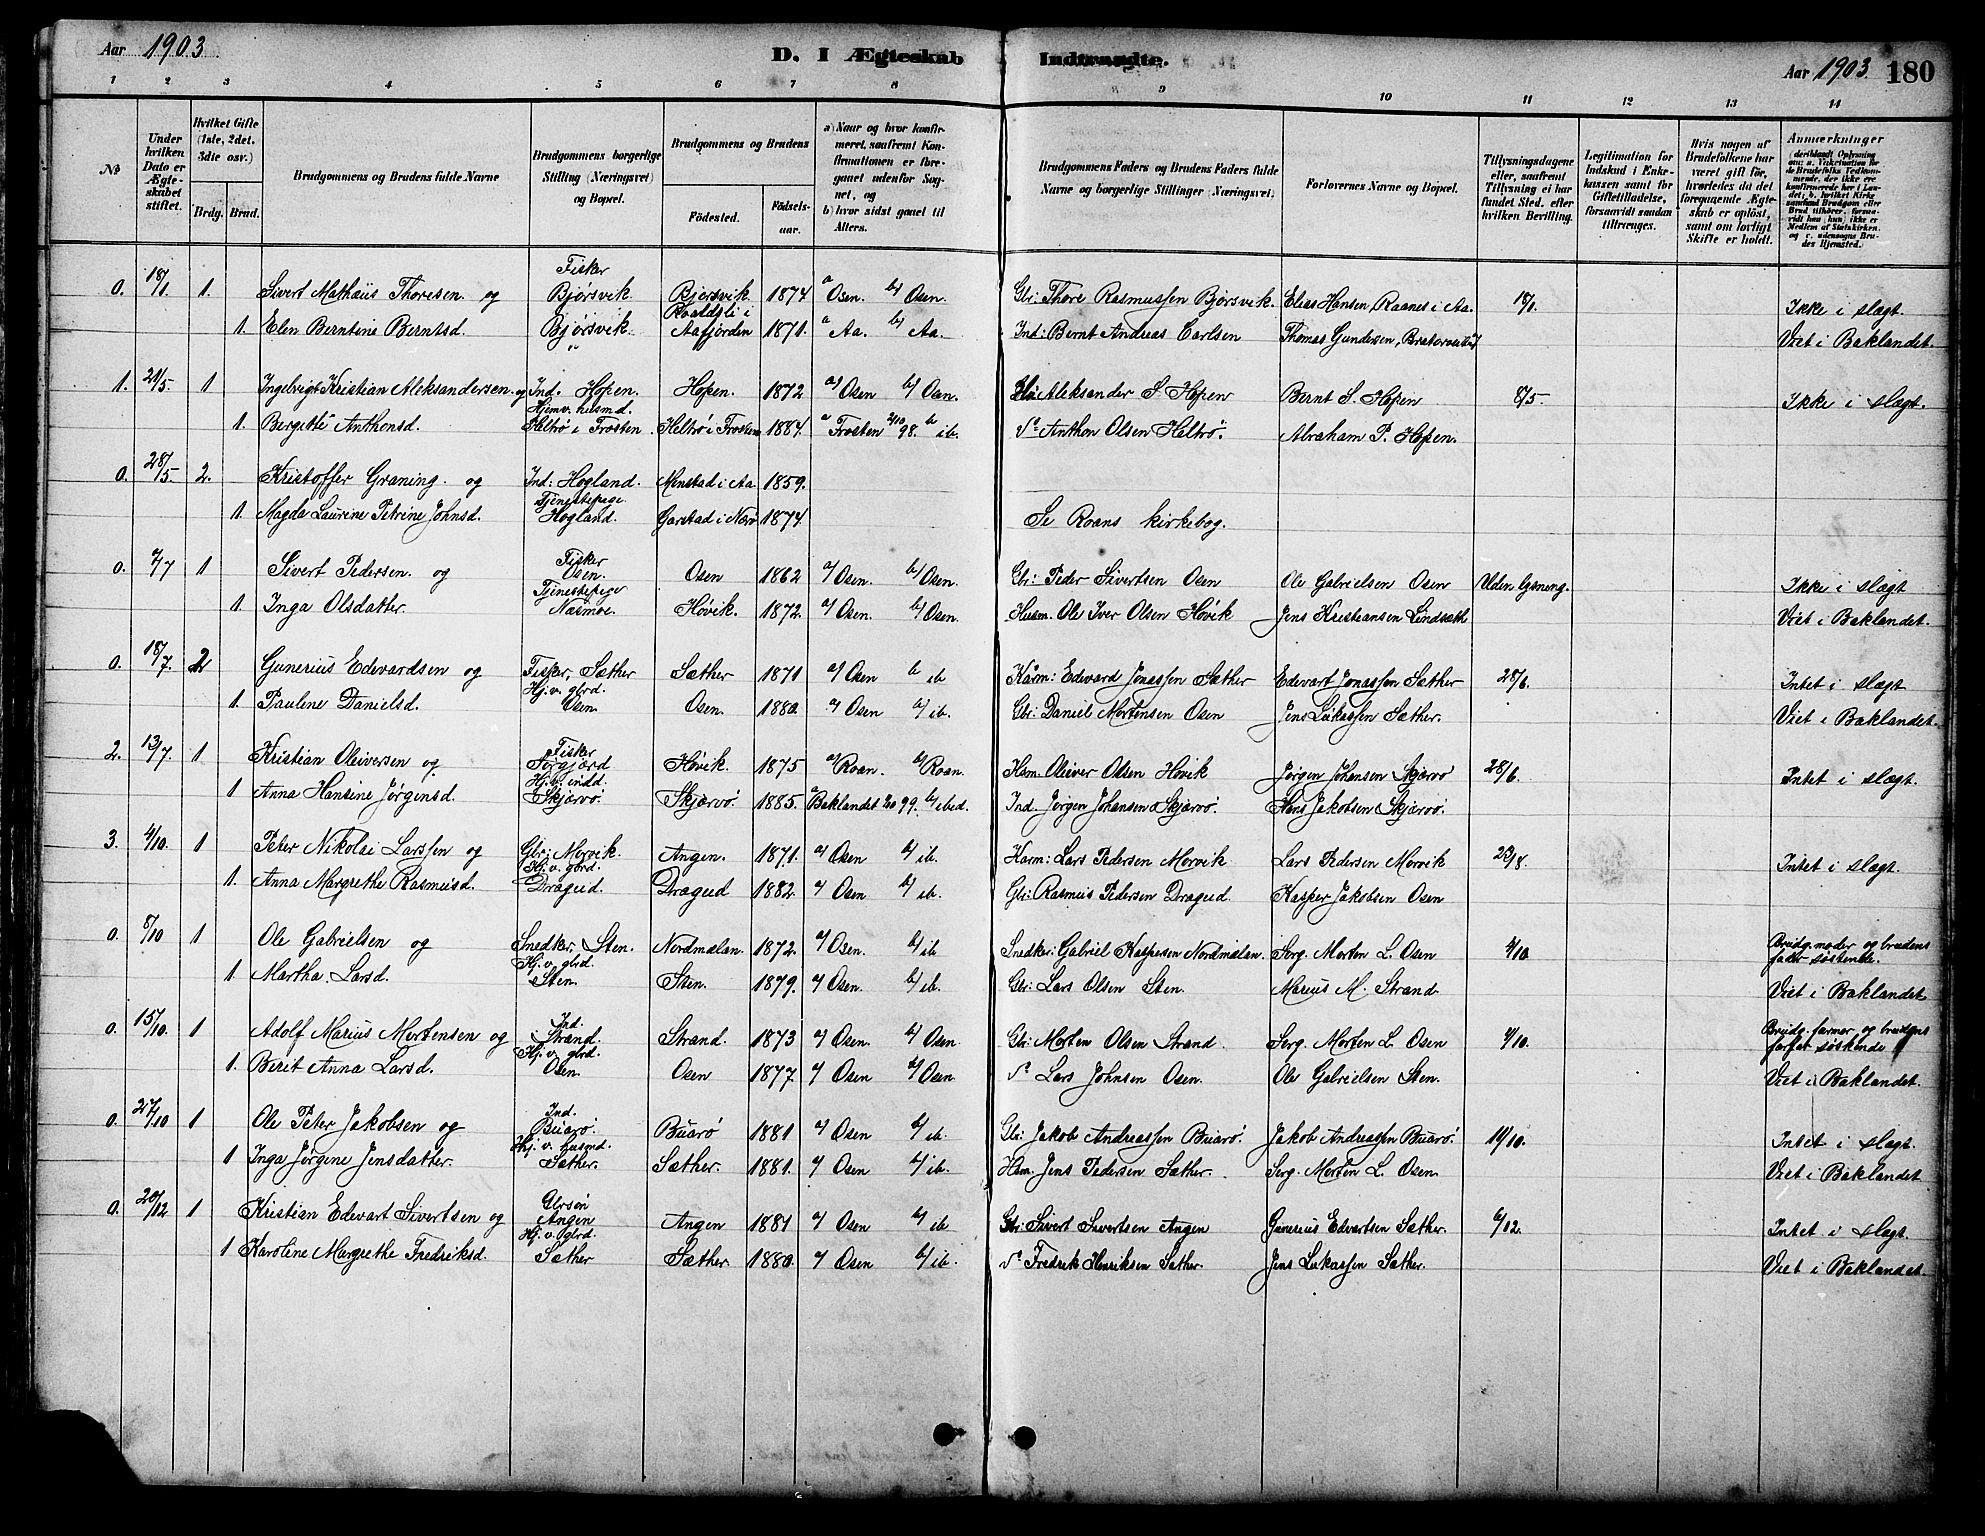 SAT, Ministerialprotokoller, klokkerbøker og fødselsregistre - Sør-Trøndelag, 658/L0726: Klokkerbok nr. 658C02, 1883-1908, s. 180